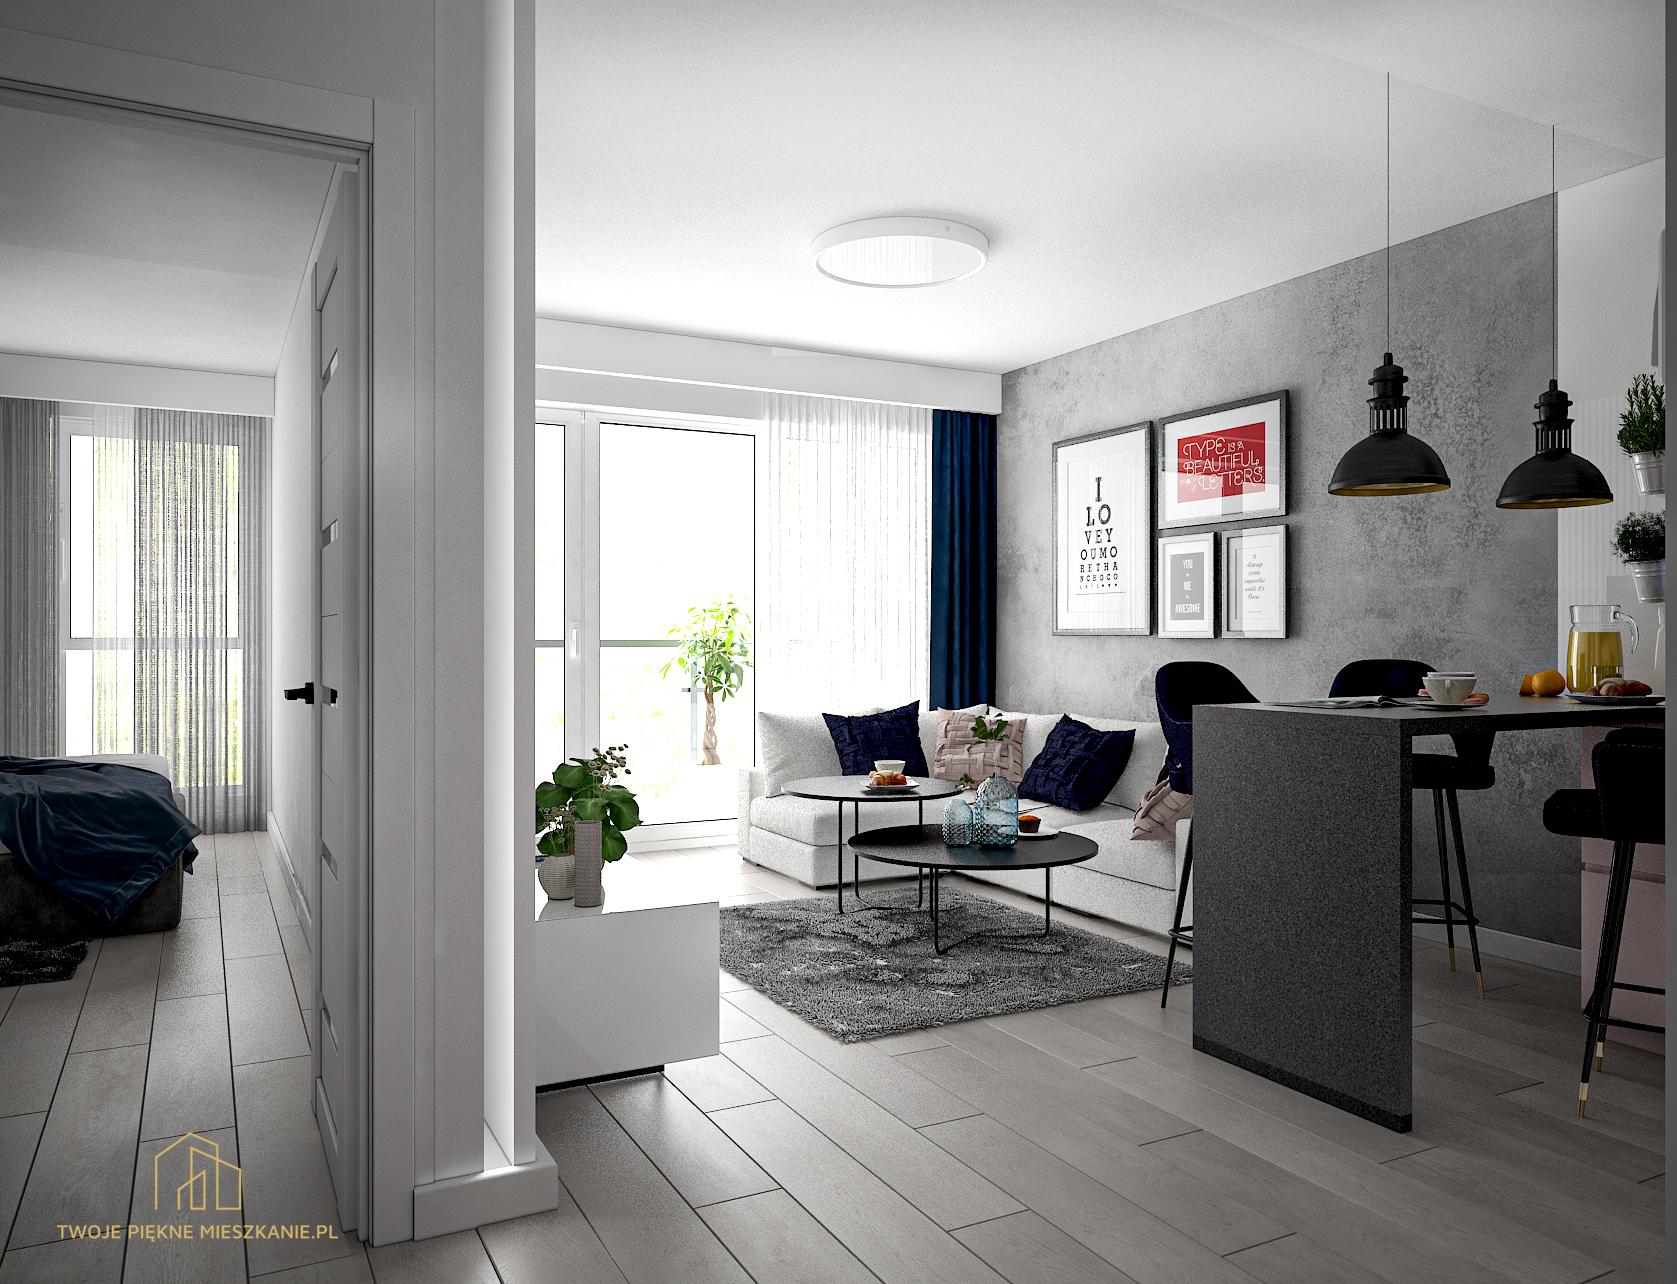 Home staging sztuka profesjonalnego przygotowania nieruchomości do sprzedaży